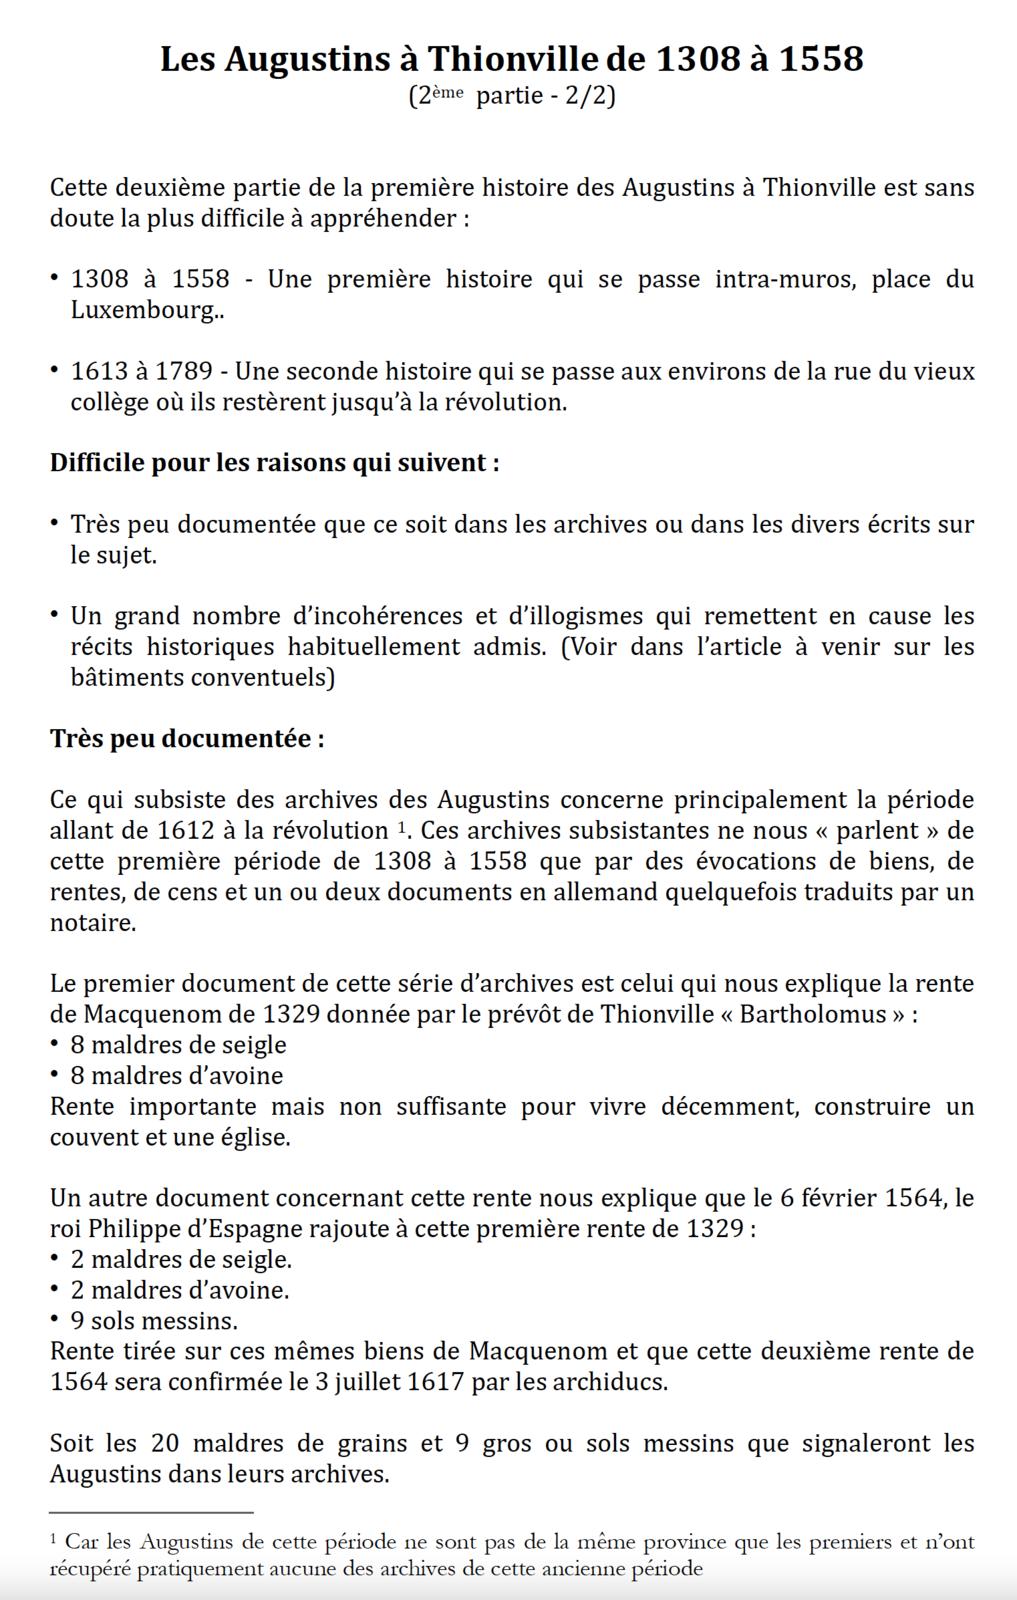 Les Augustins à Thionville de 1308 à 1558           (2ème  partie  2/2)